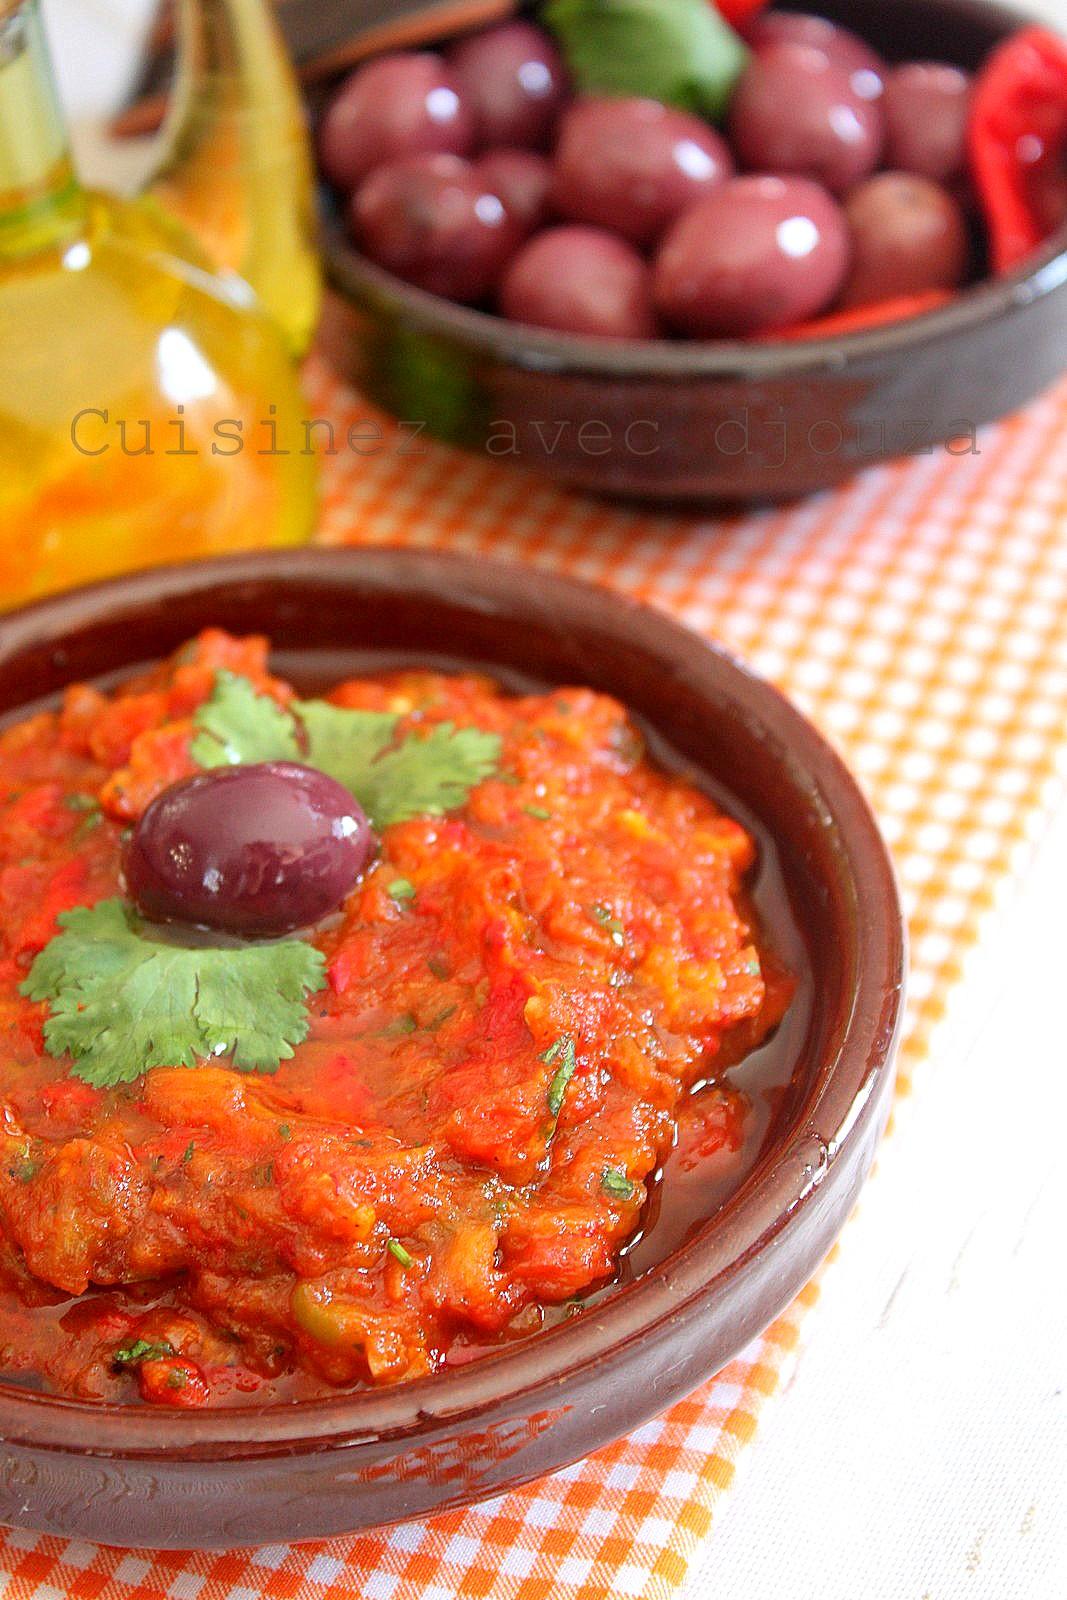 Zaalouk recette d'aubergines grillées à la marocaine